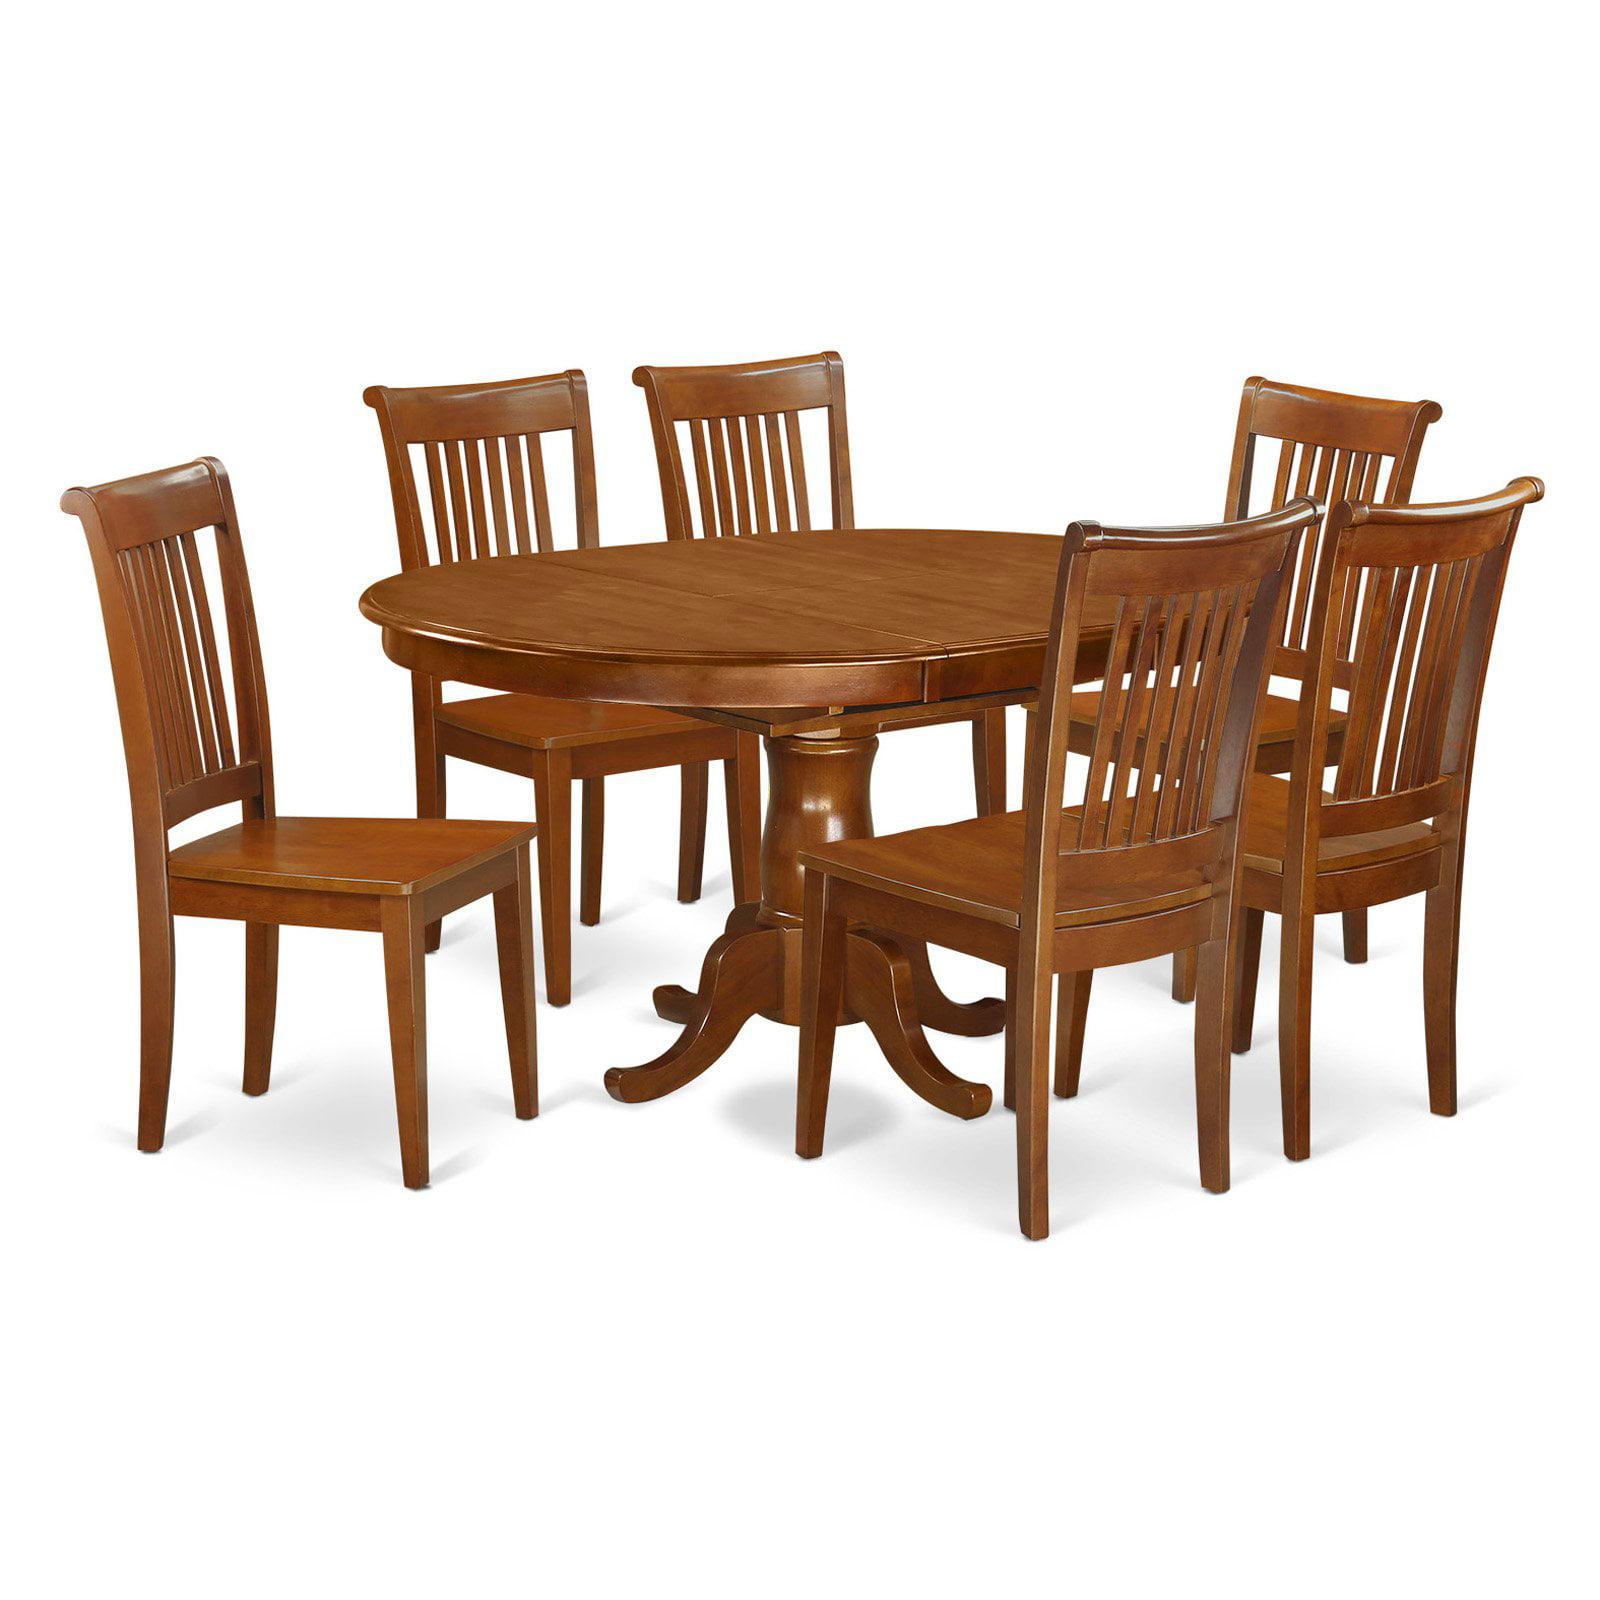 East West Furniture Portland 7 Piece Windsor Dining Table Set